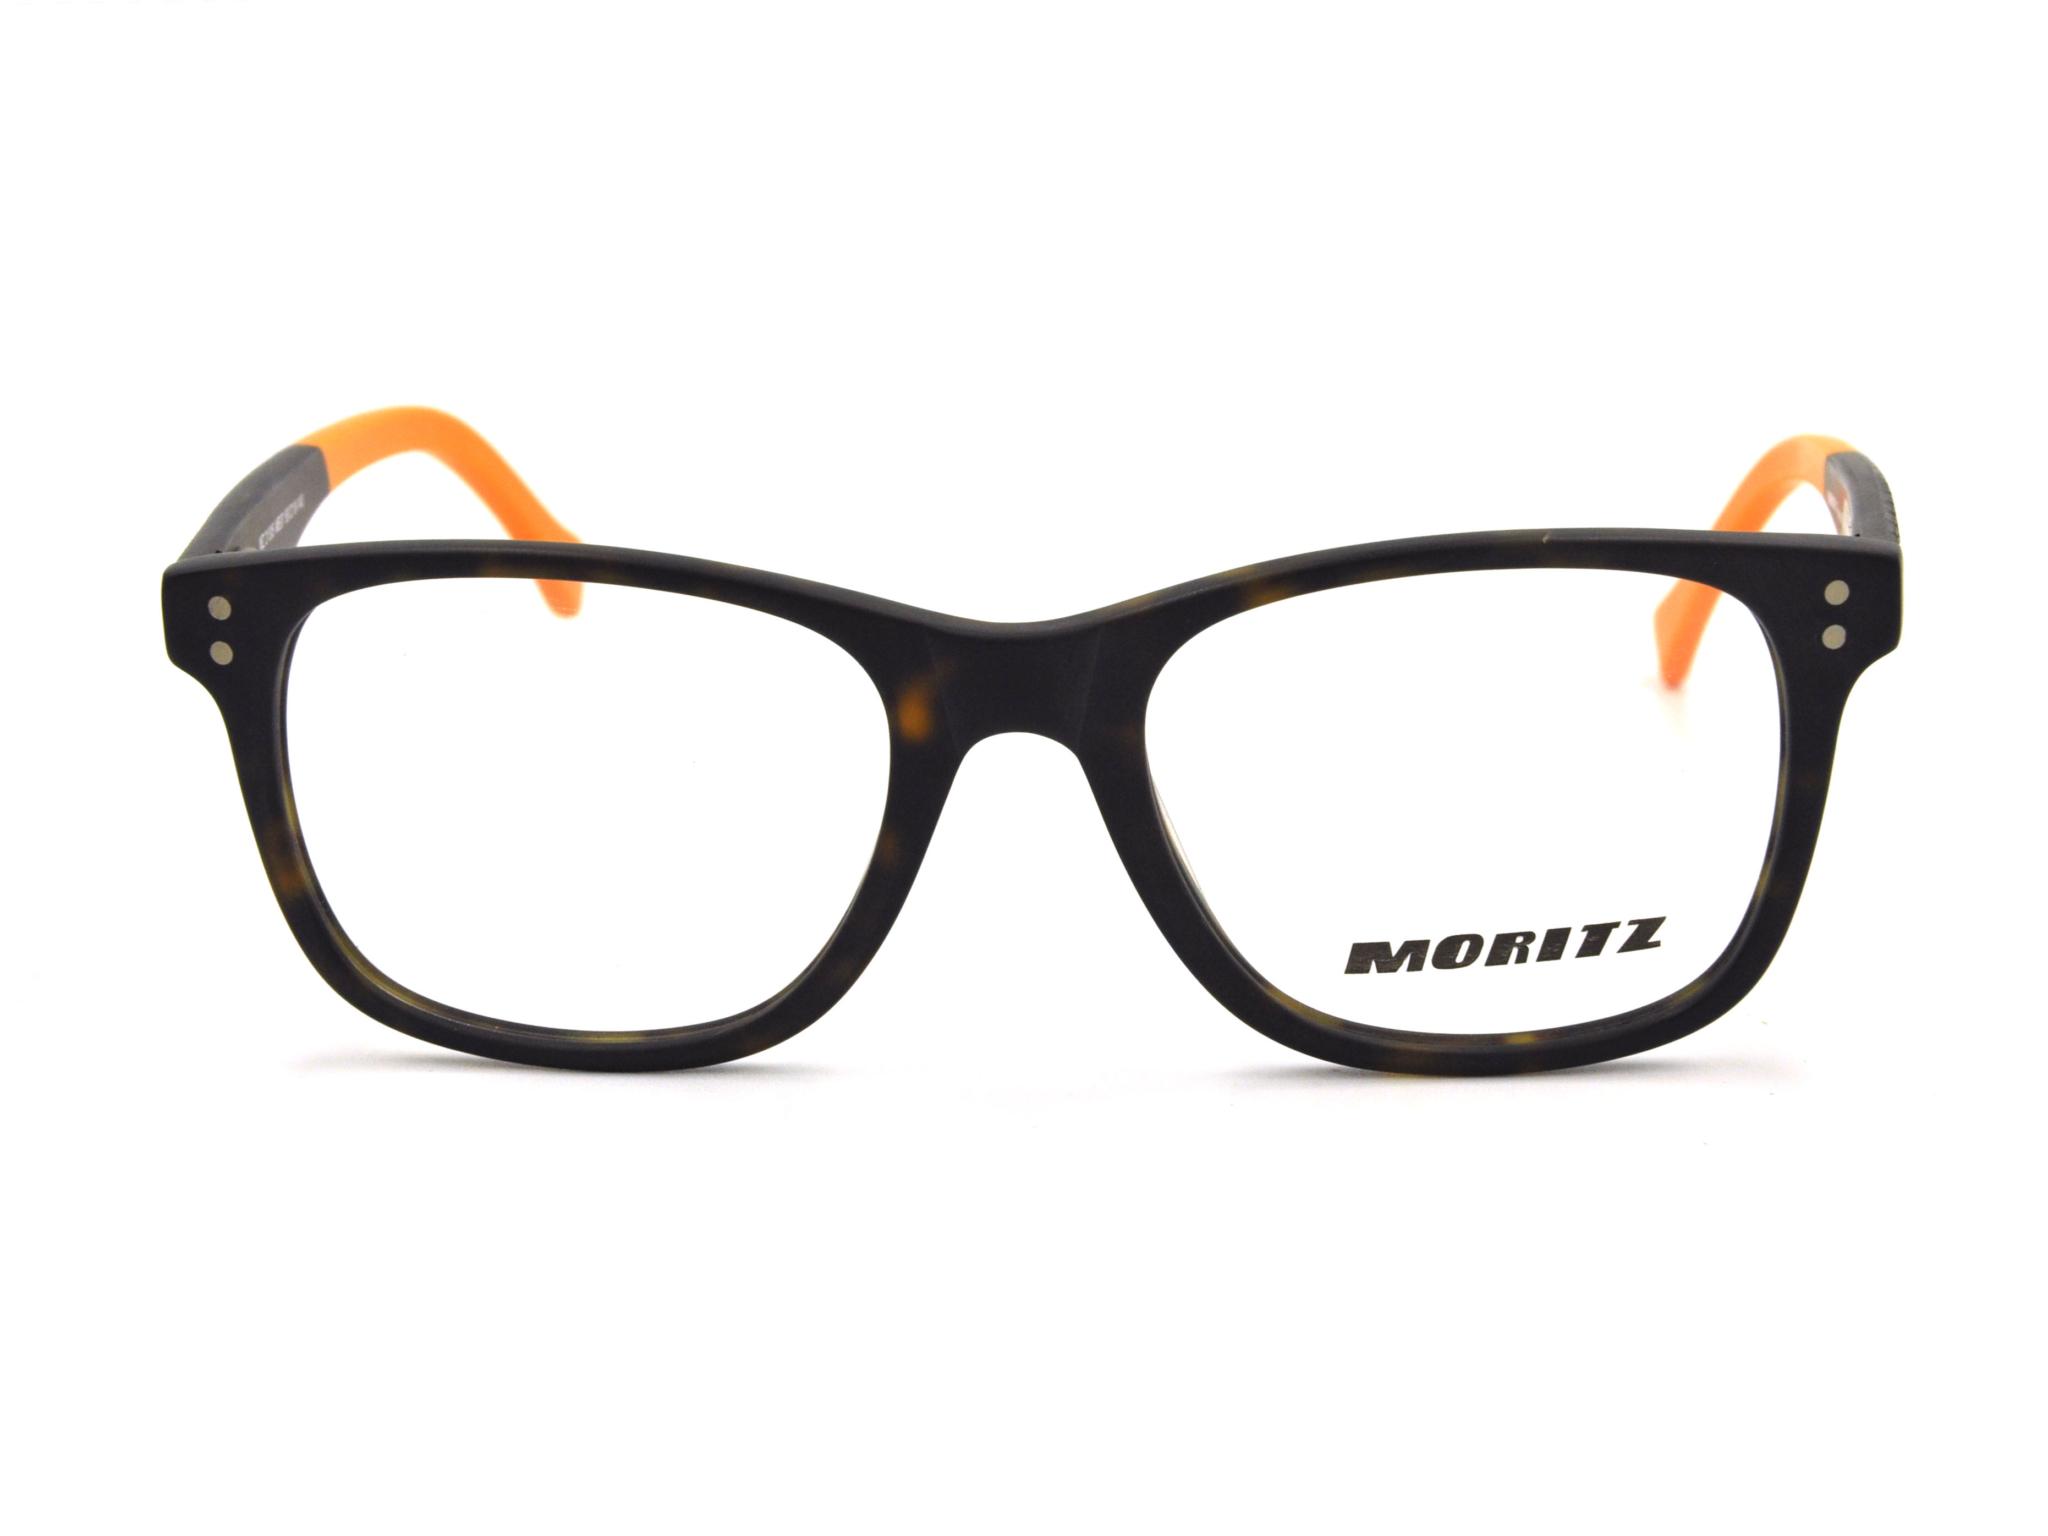 Γυαλιά οράσεως MORITZ MZ21305 ME07 Πειραιάς